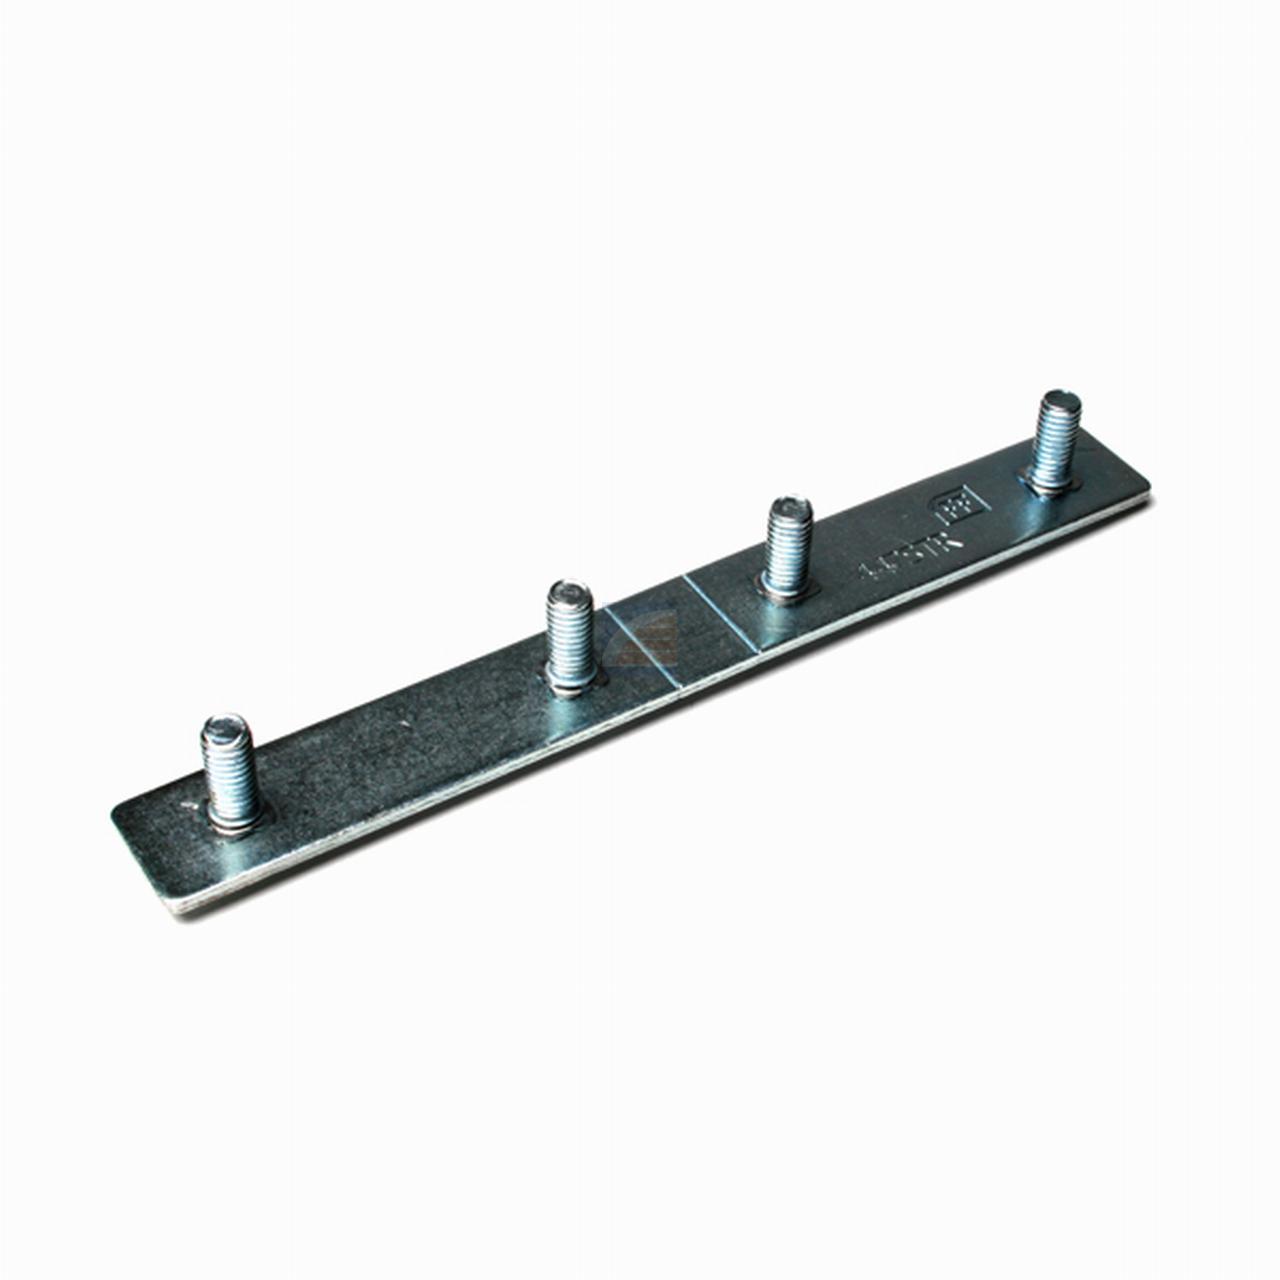 Bevestigingsstrip voor 70mm zijscharnieren (dubbel)